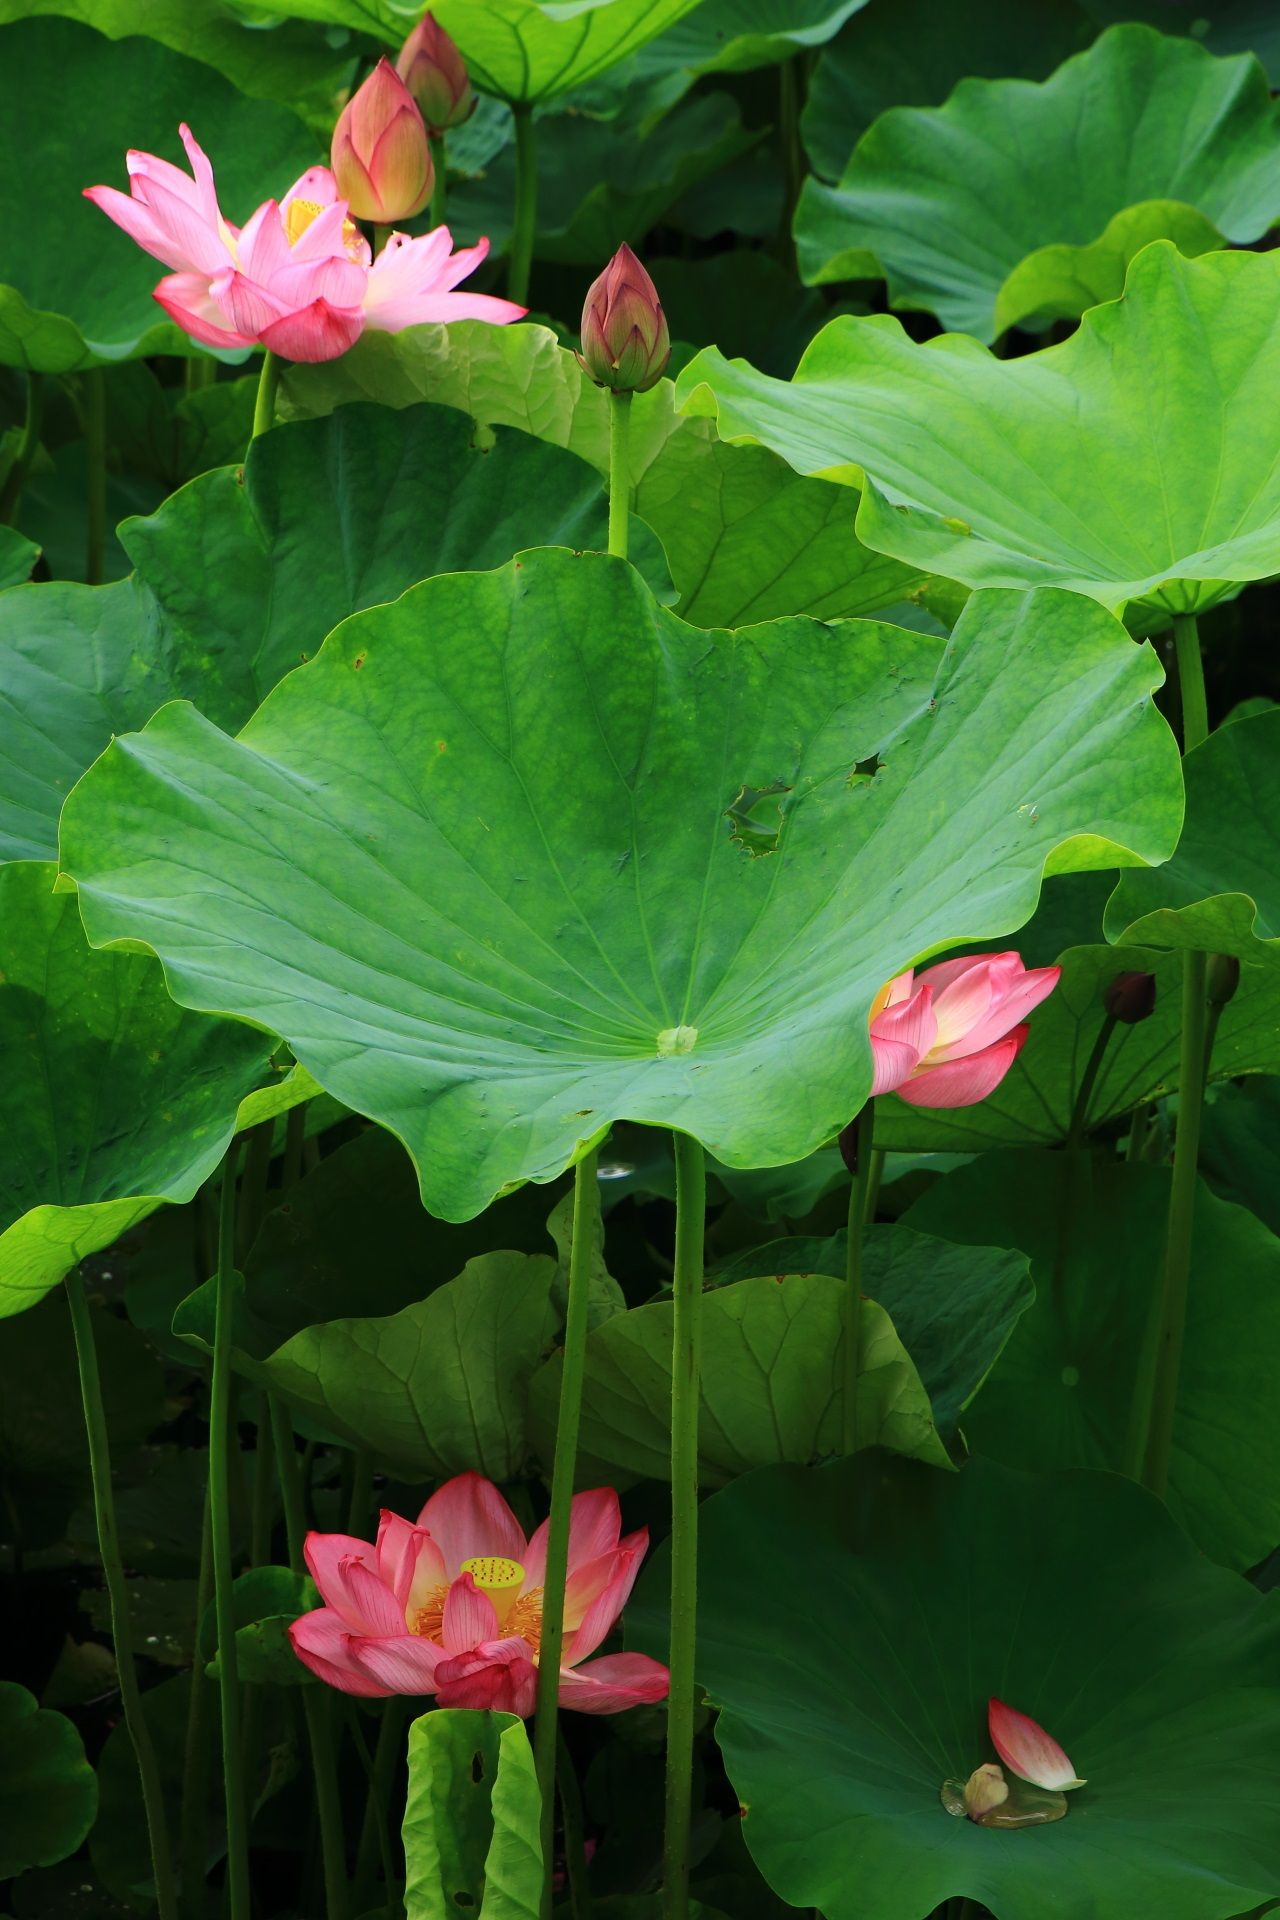 東寺のいろんな高さで咲く蓮の華 蓮の花 美しい花 ハスの花